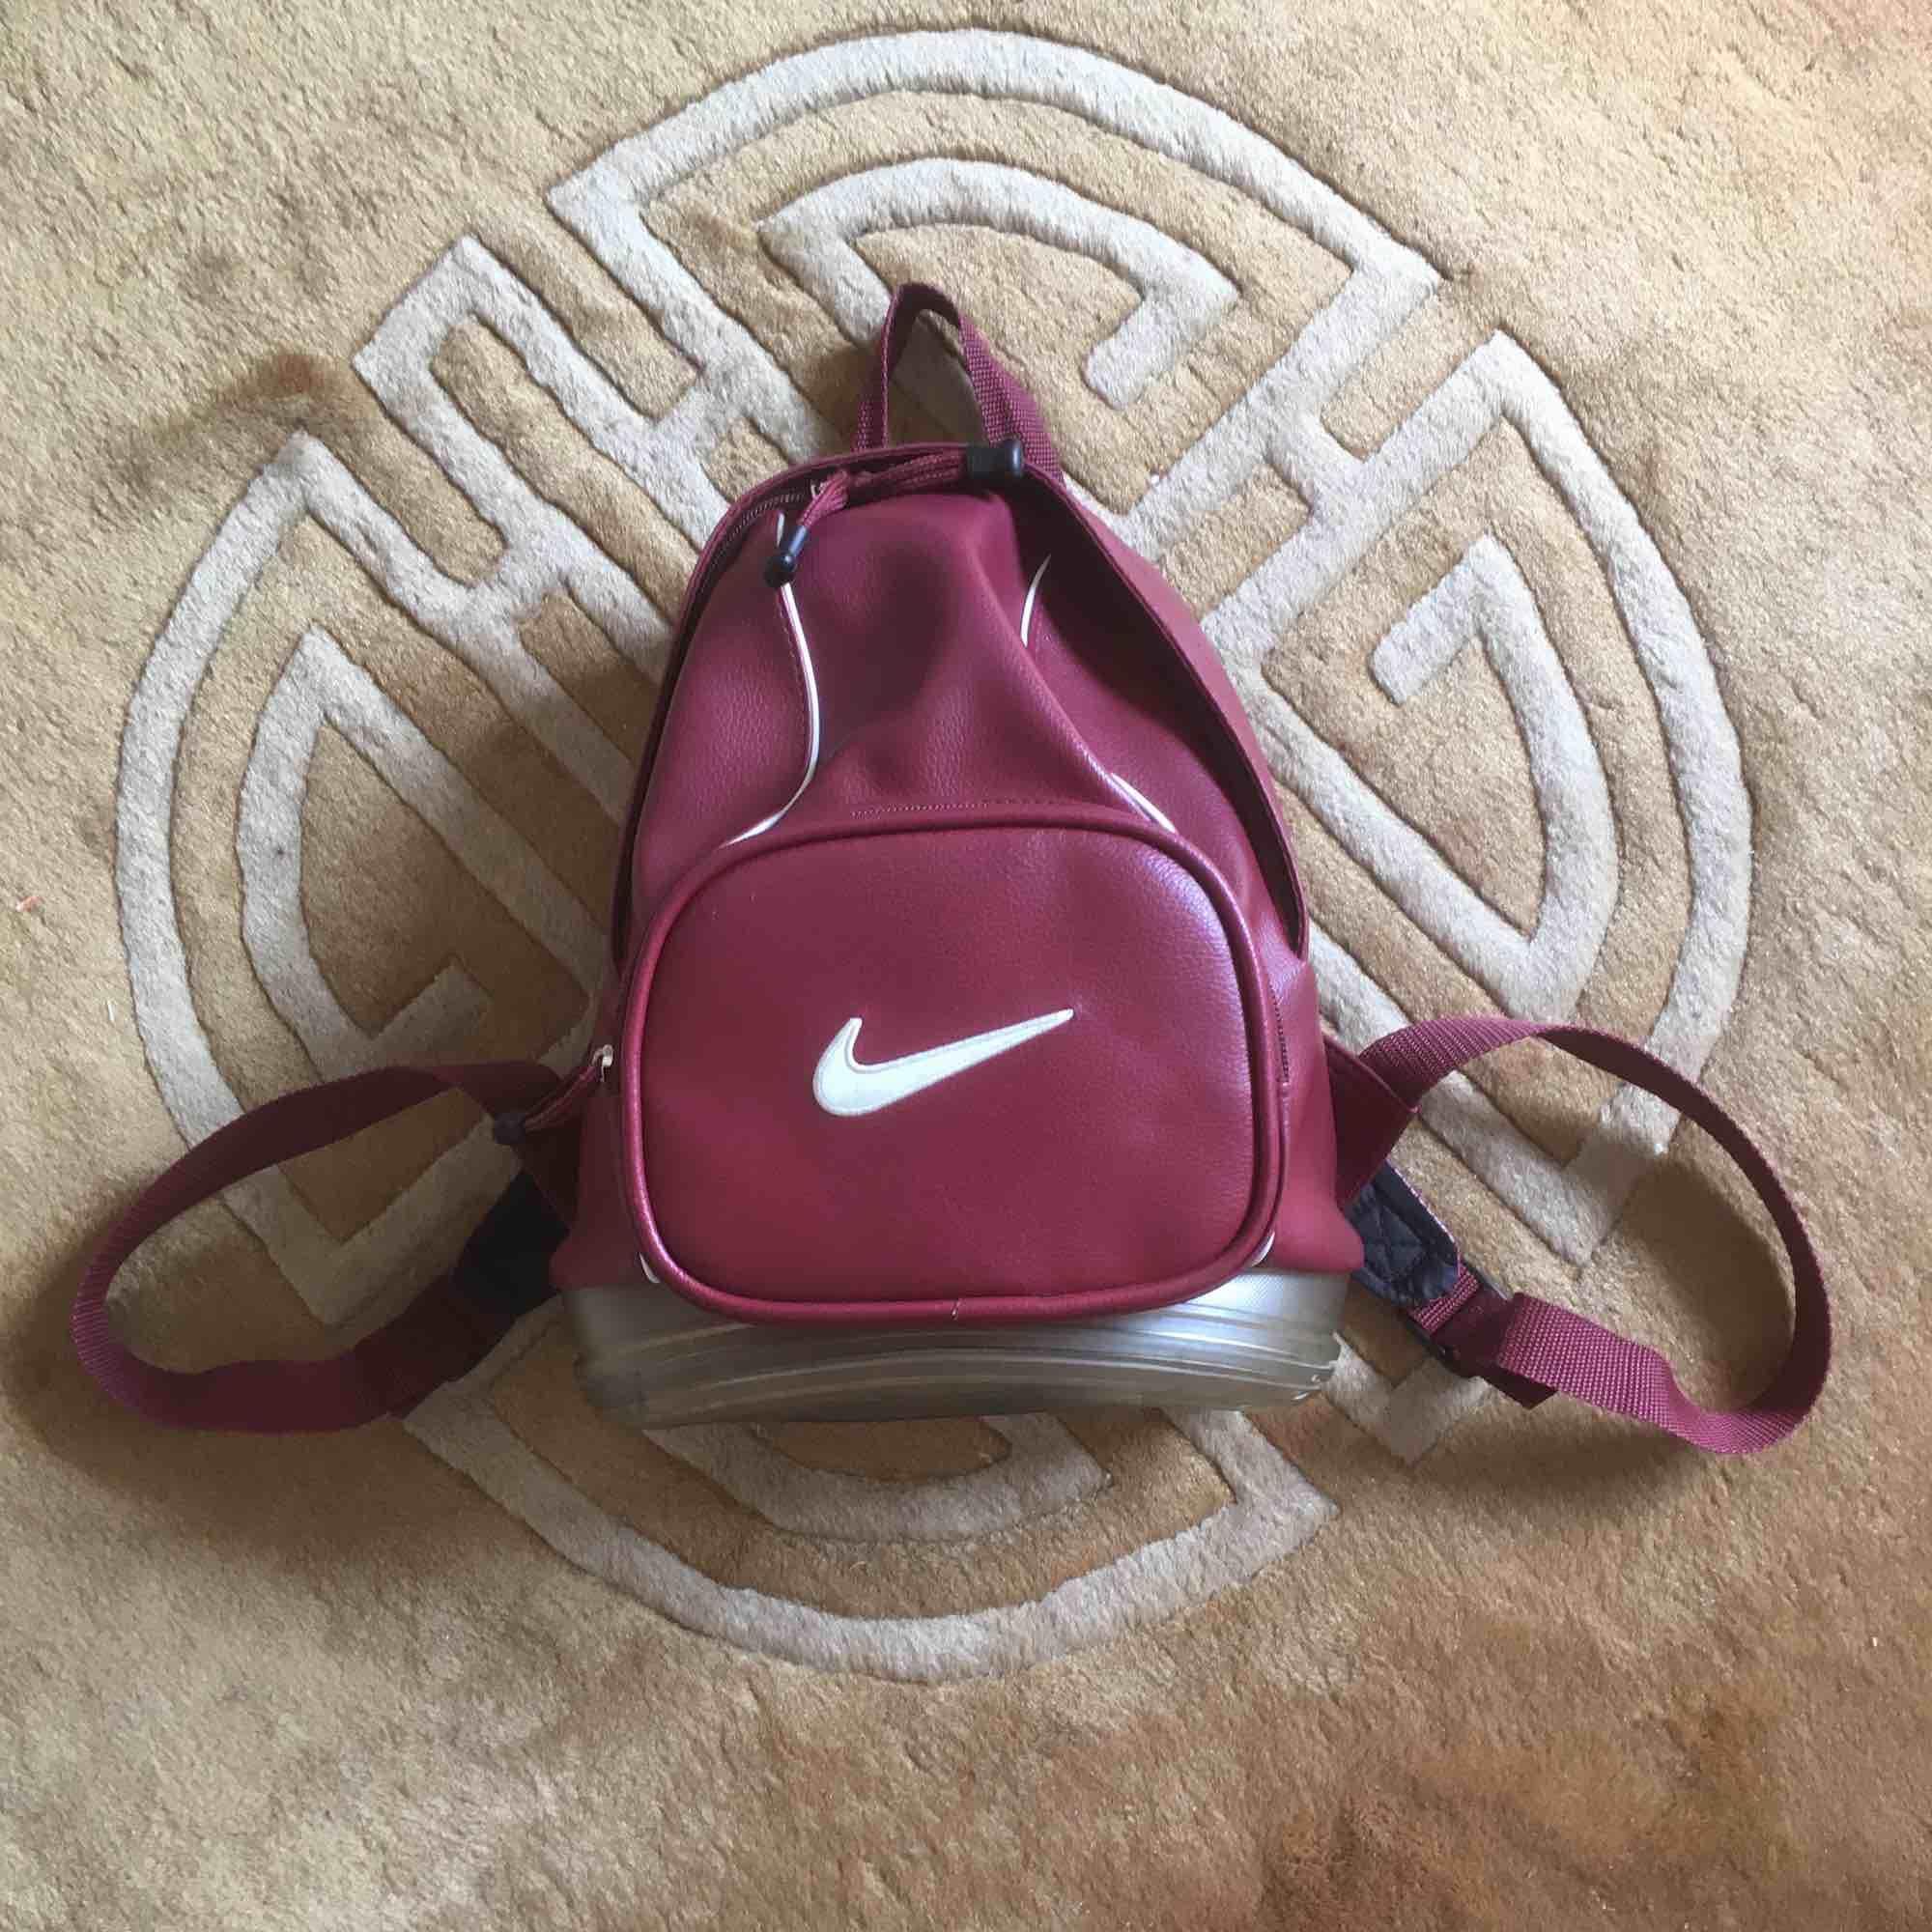 Cool Nike-ryggsäck. Inte så stor, inte heller liten. Mått: 25x35 cm. Små färgfläckar i botten( se bild 2 och 3)  men syns ej utåt!. Väskor.